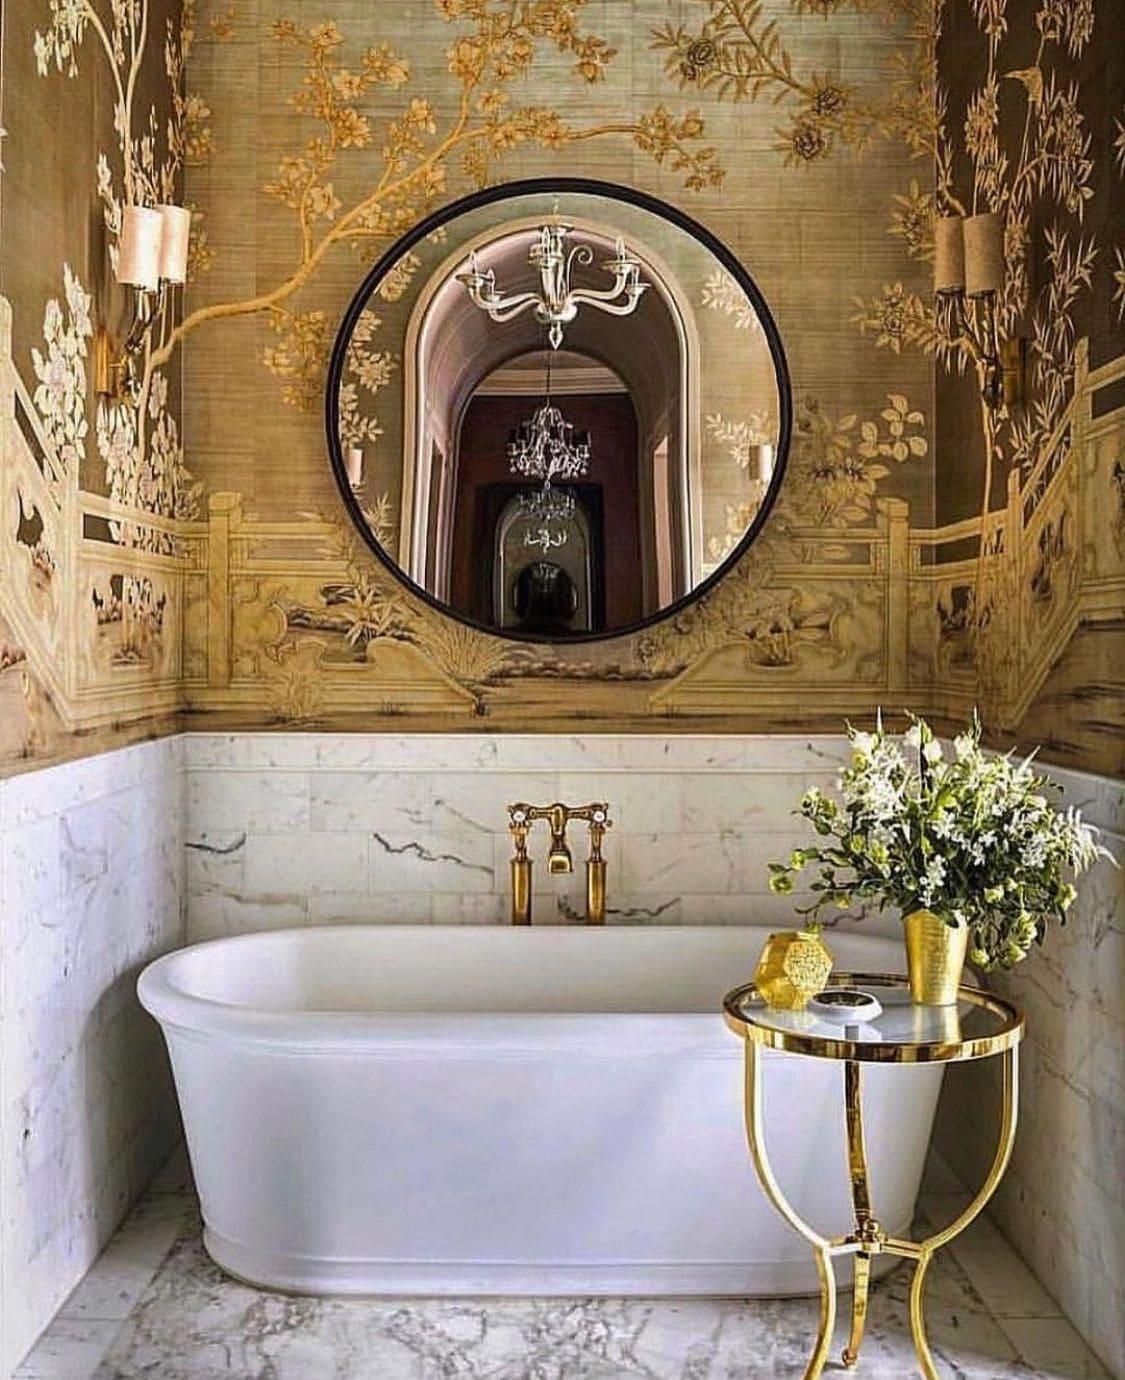 дизайн интерьера ванной комнаты фото 26